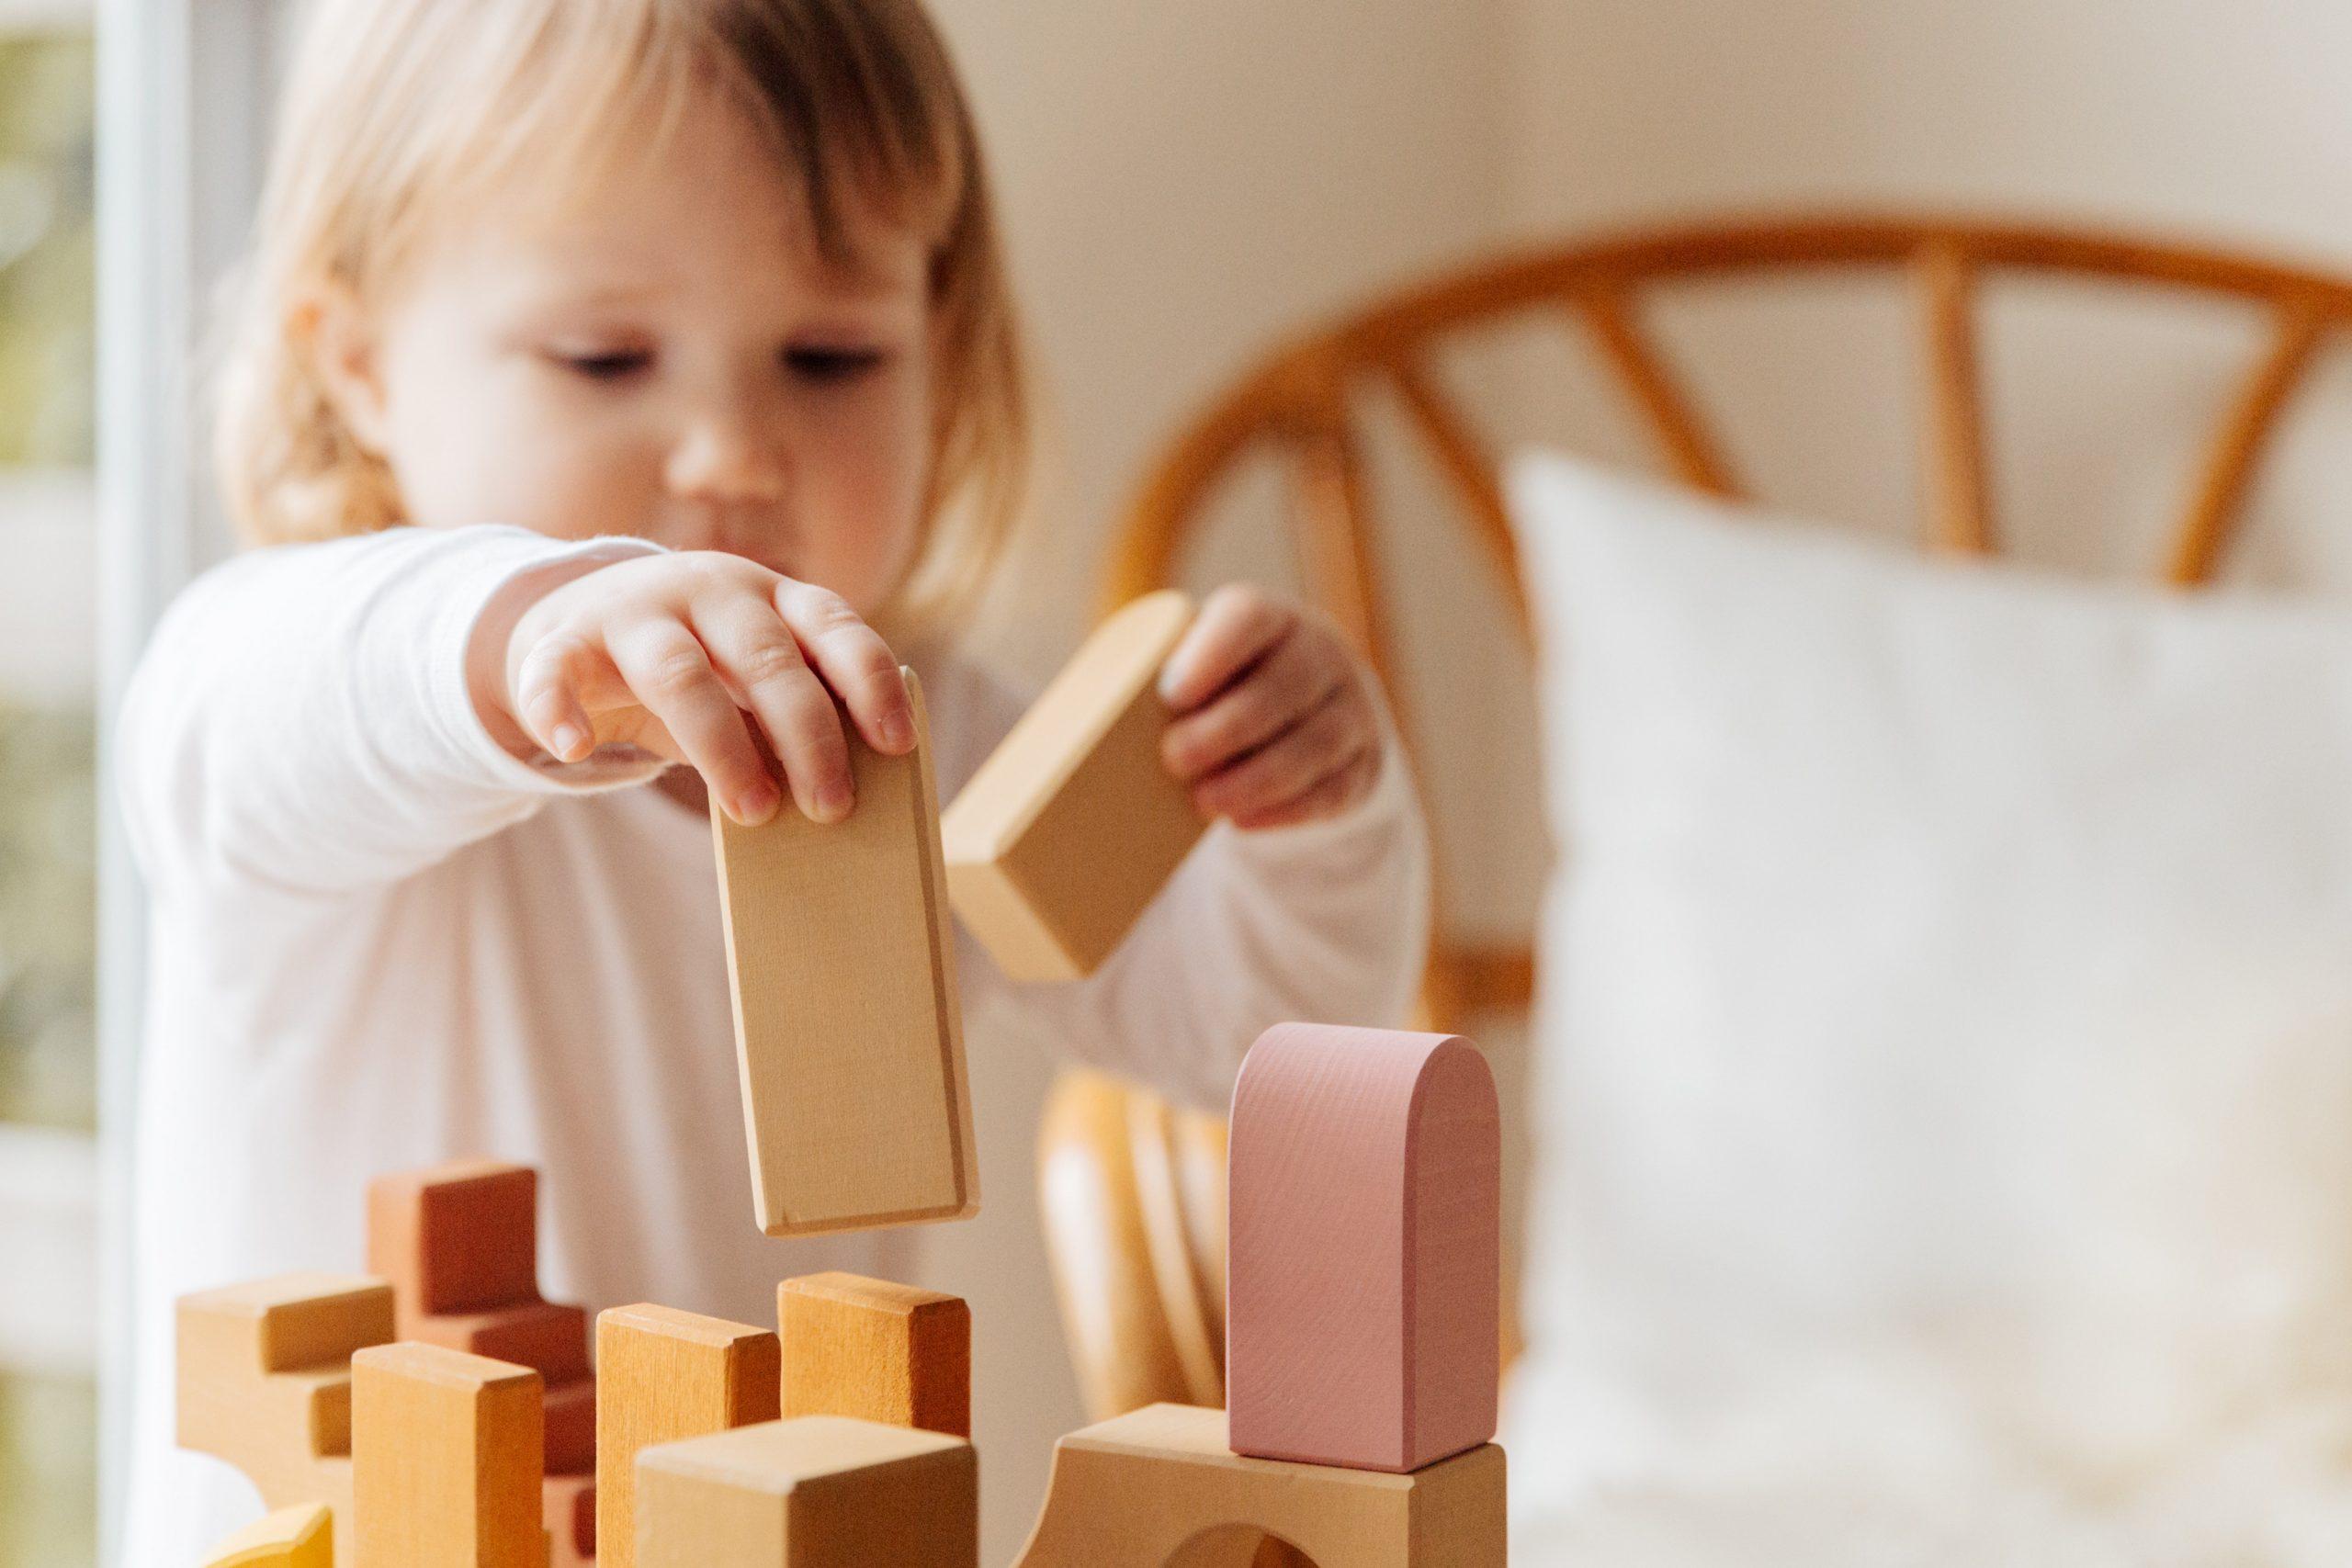 Otroška igra – kako se razvija in zakaj je pomembna?